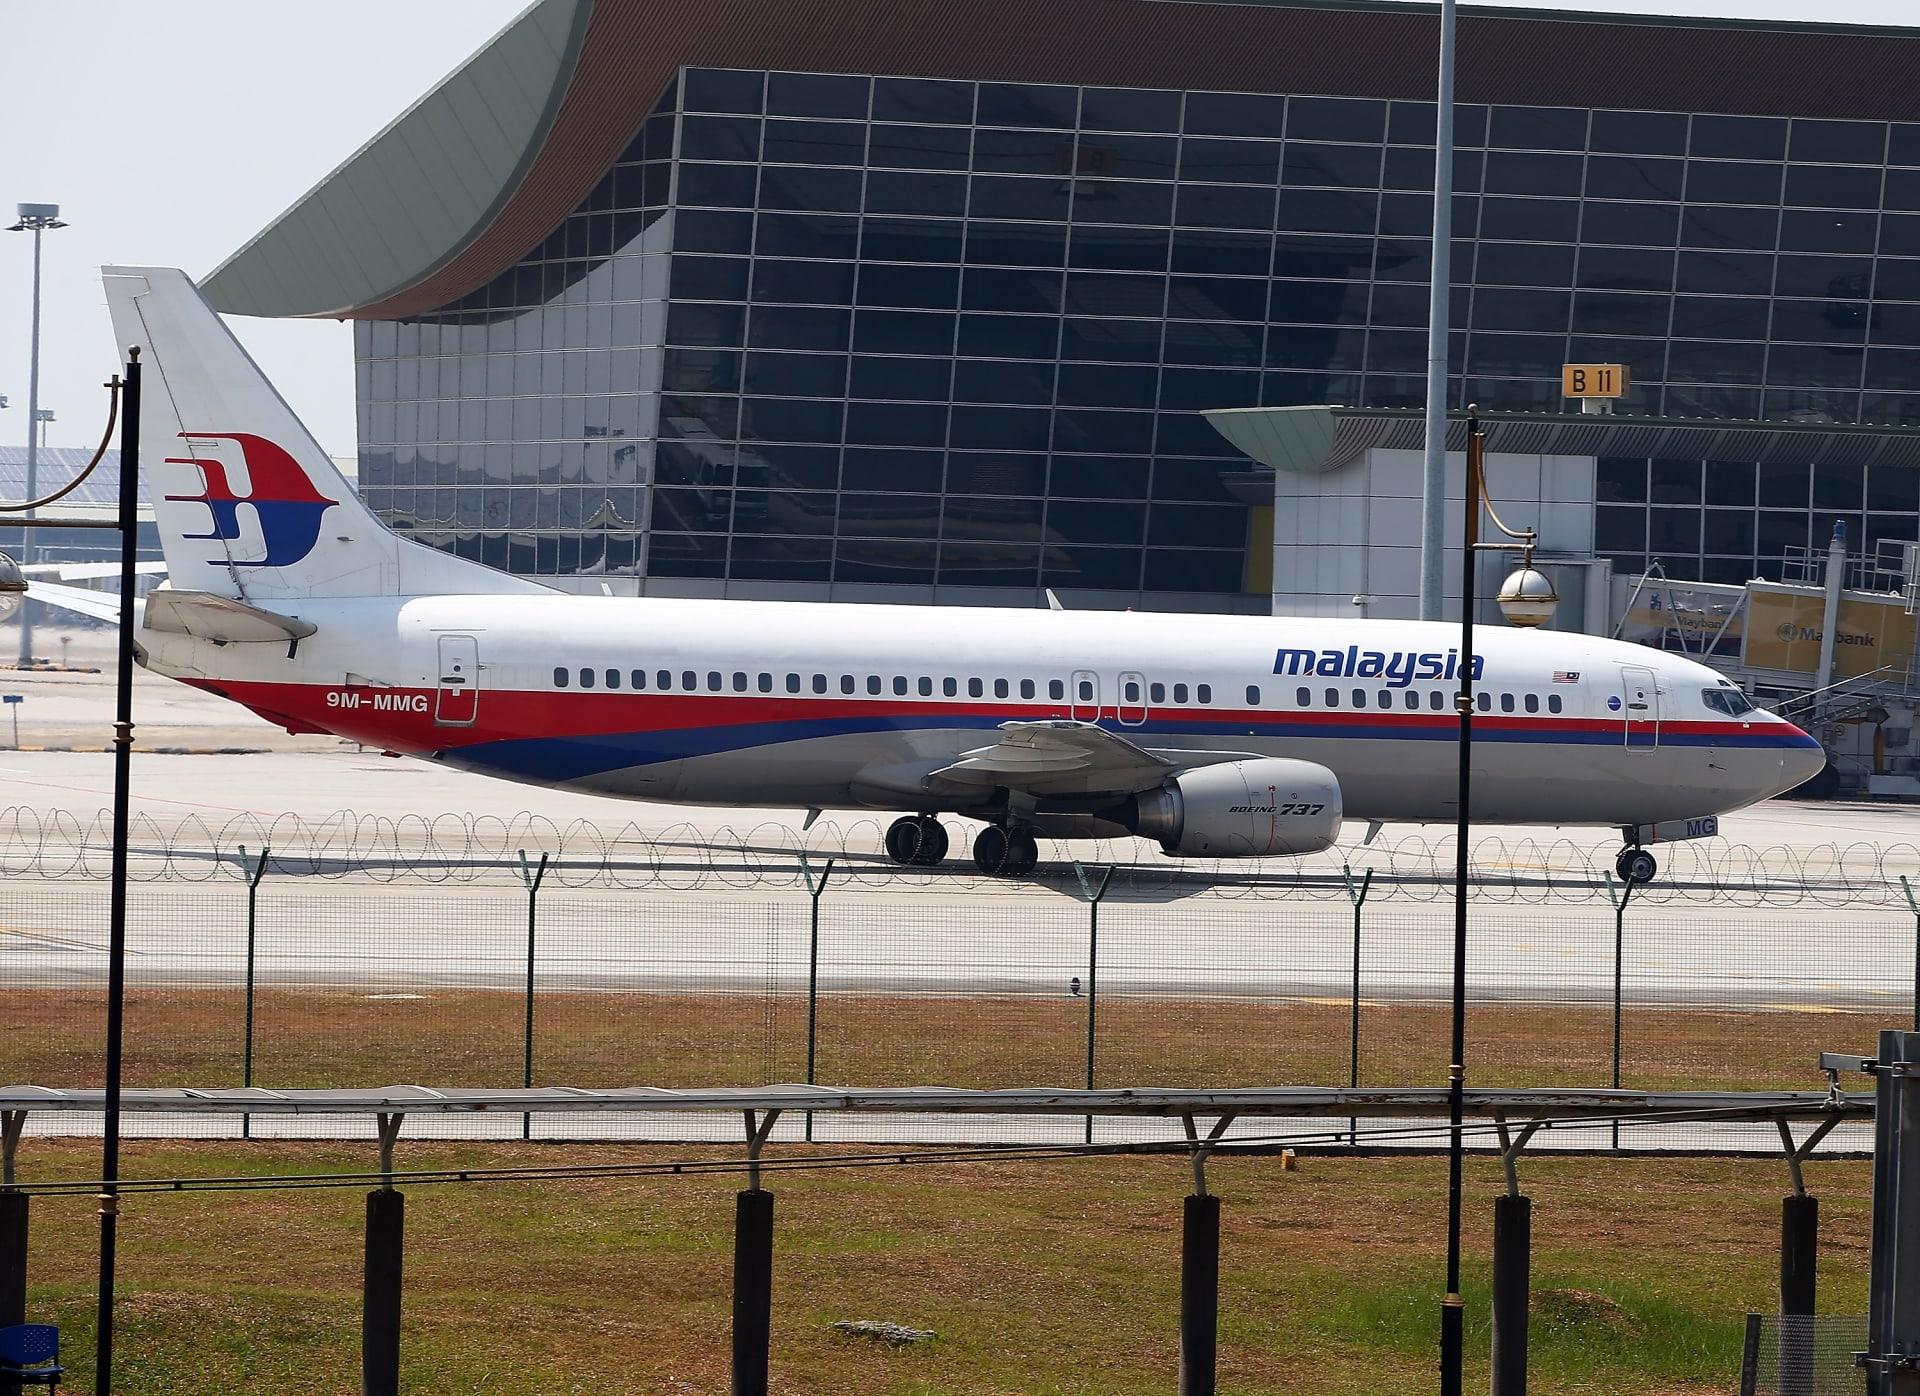 """رئيس الطيران المدني الماليزي يستقيل بعد أربع سنوات من اختفاء طائرة """"MH370"""""""